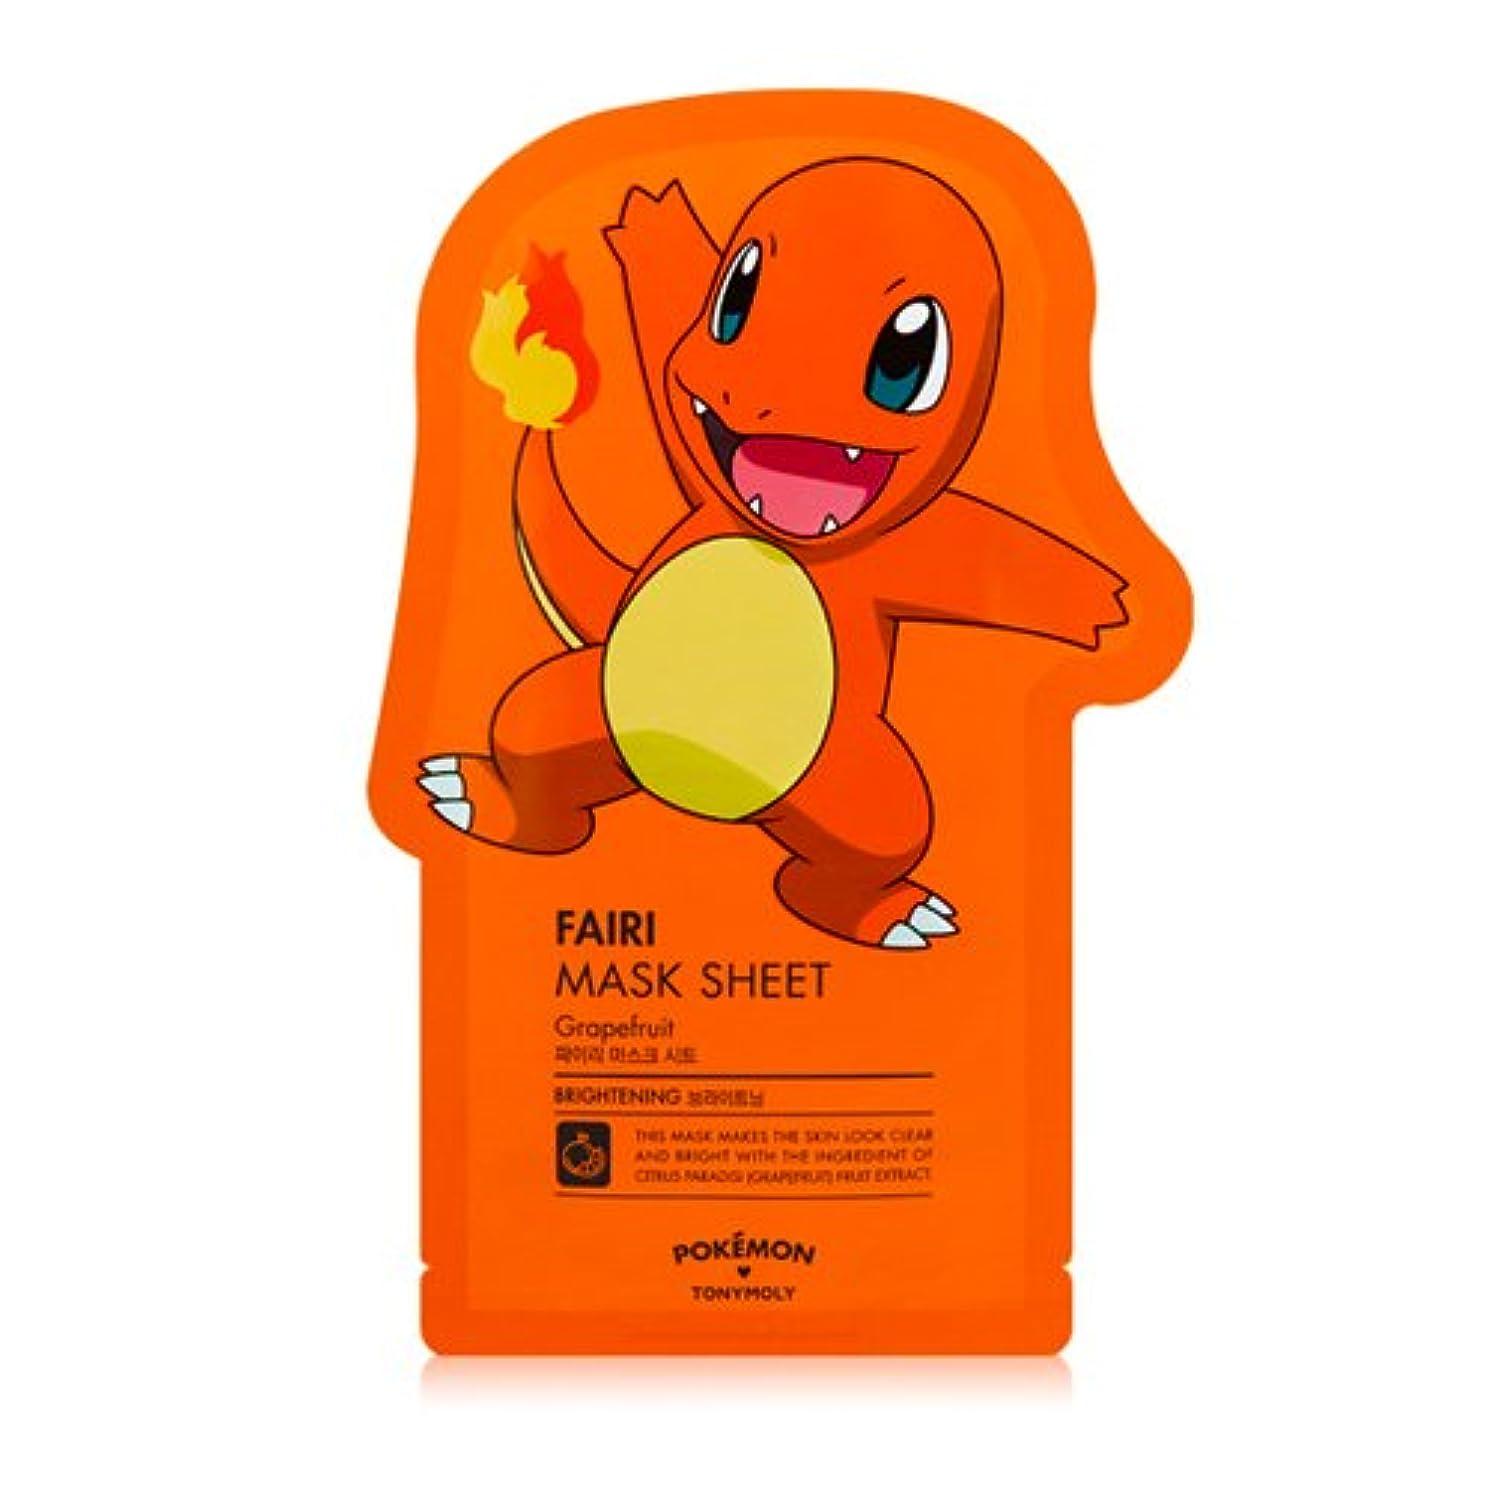 残りバンク相談する(3 Pack) TONYMOLY x Pokemon Charmander/Fairi Mask Sheet (並行輸入品)